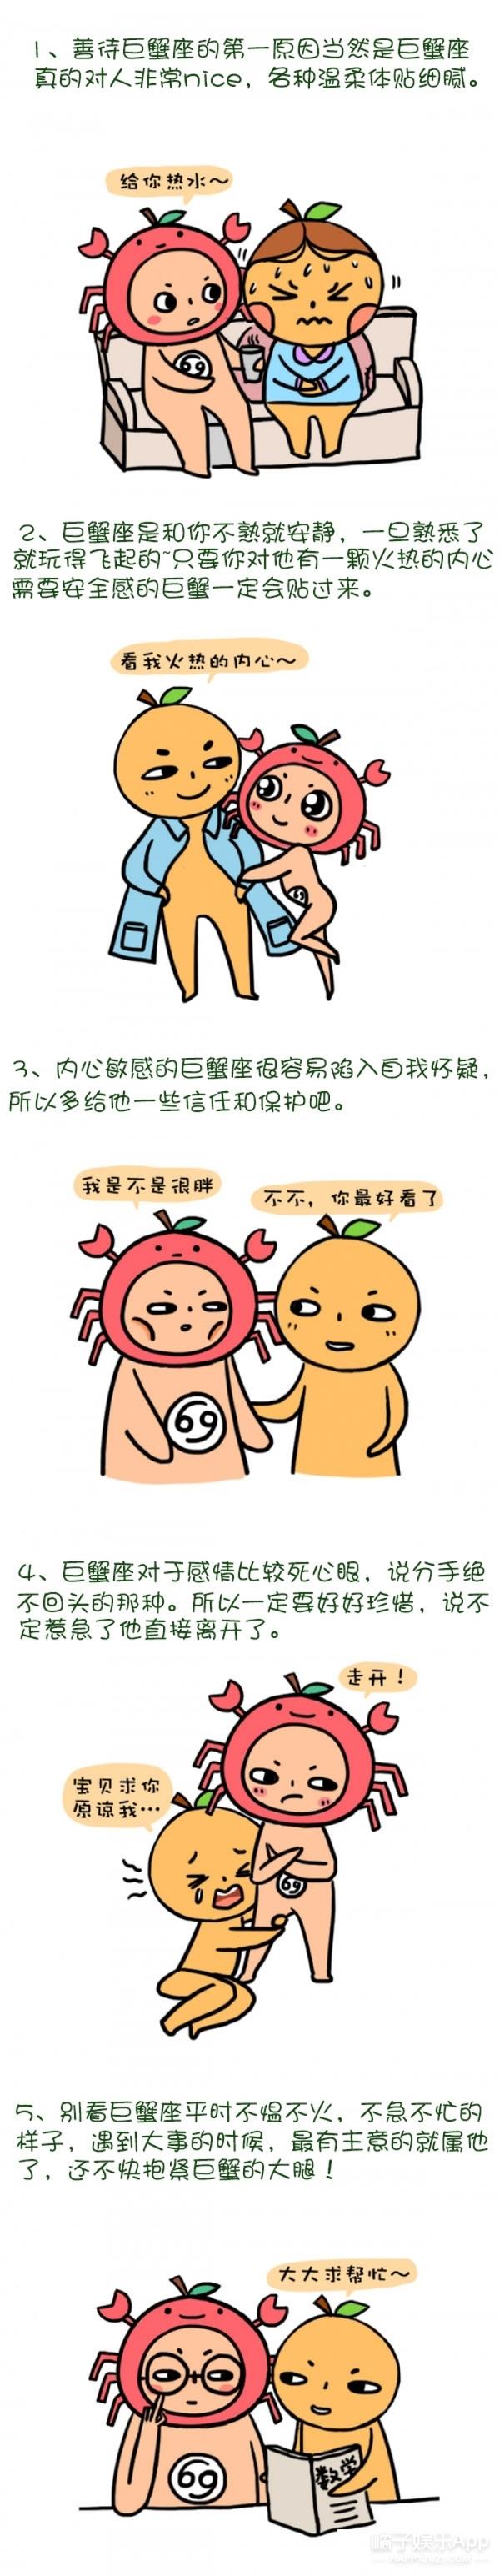 橘子星座 | 为什么要善待巨蟹座